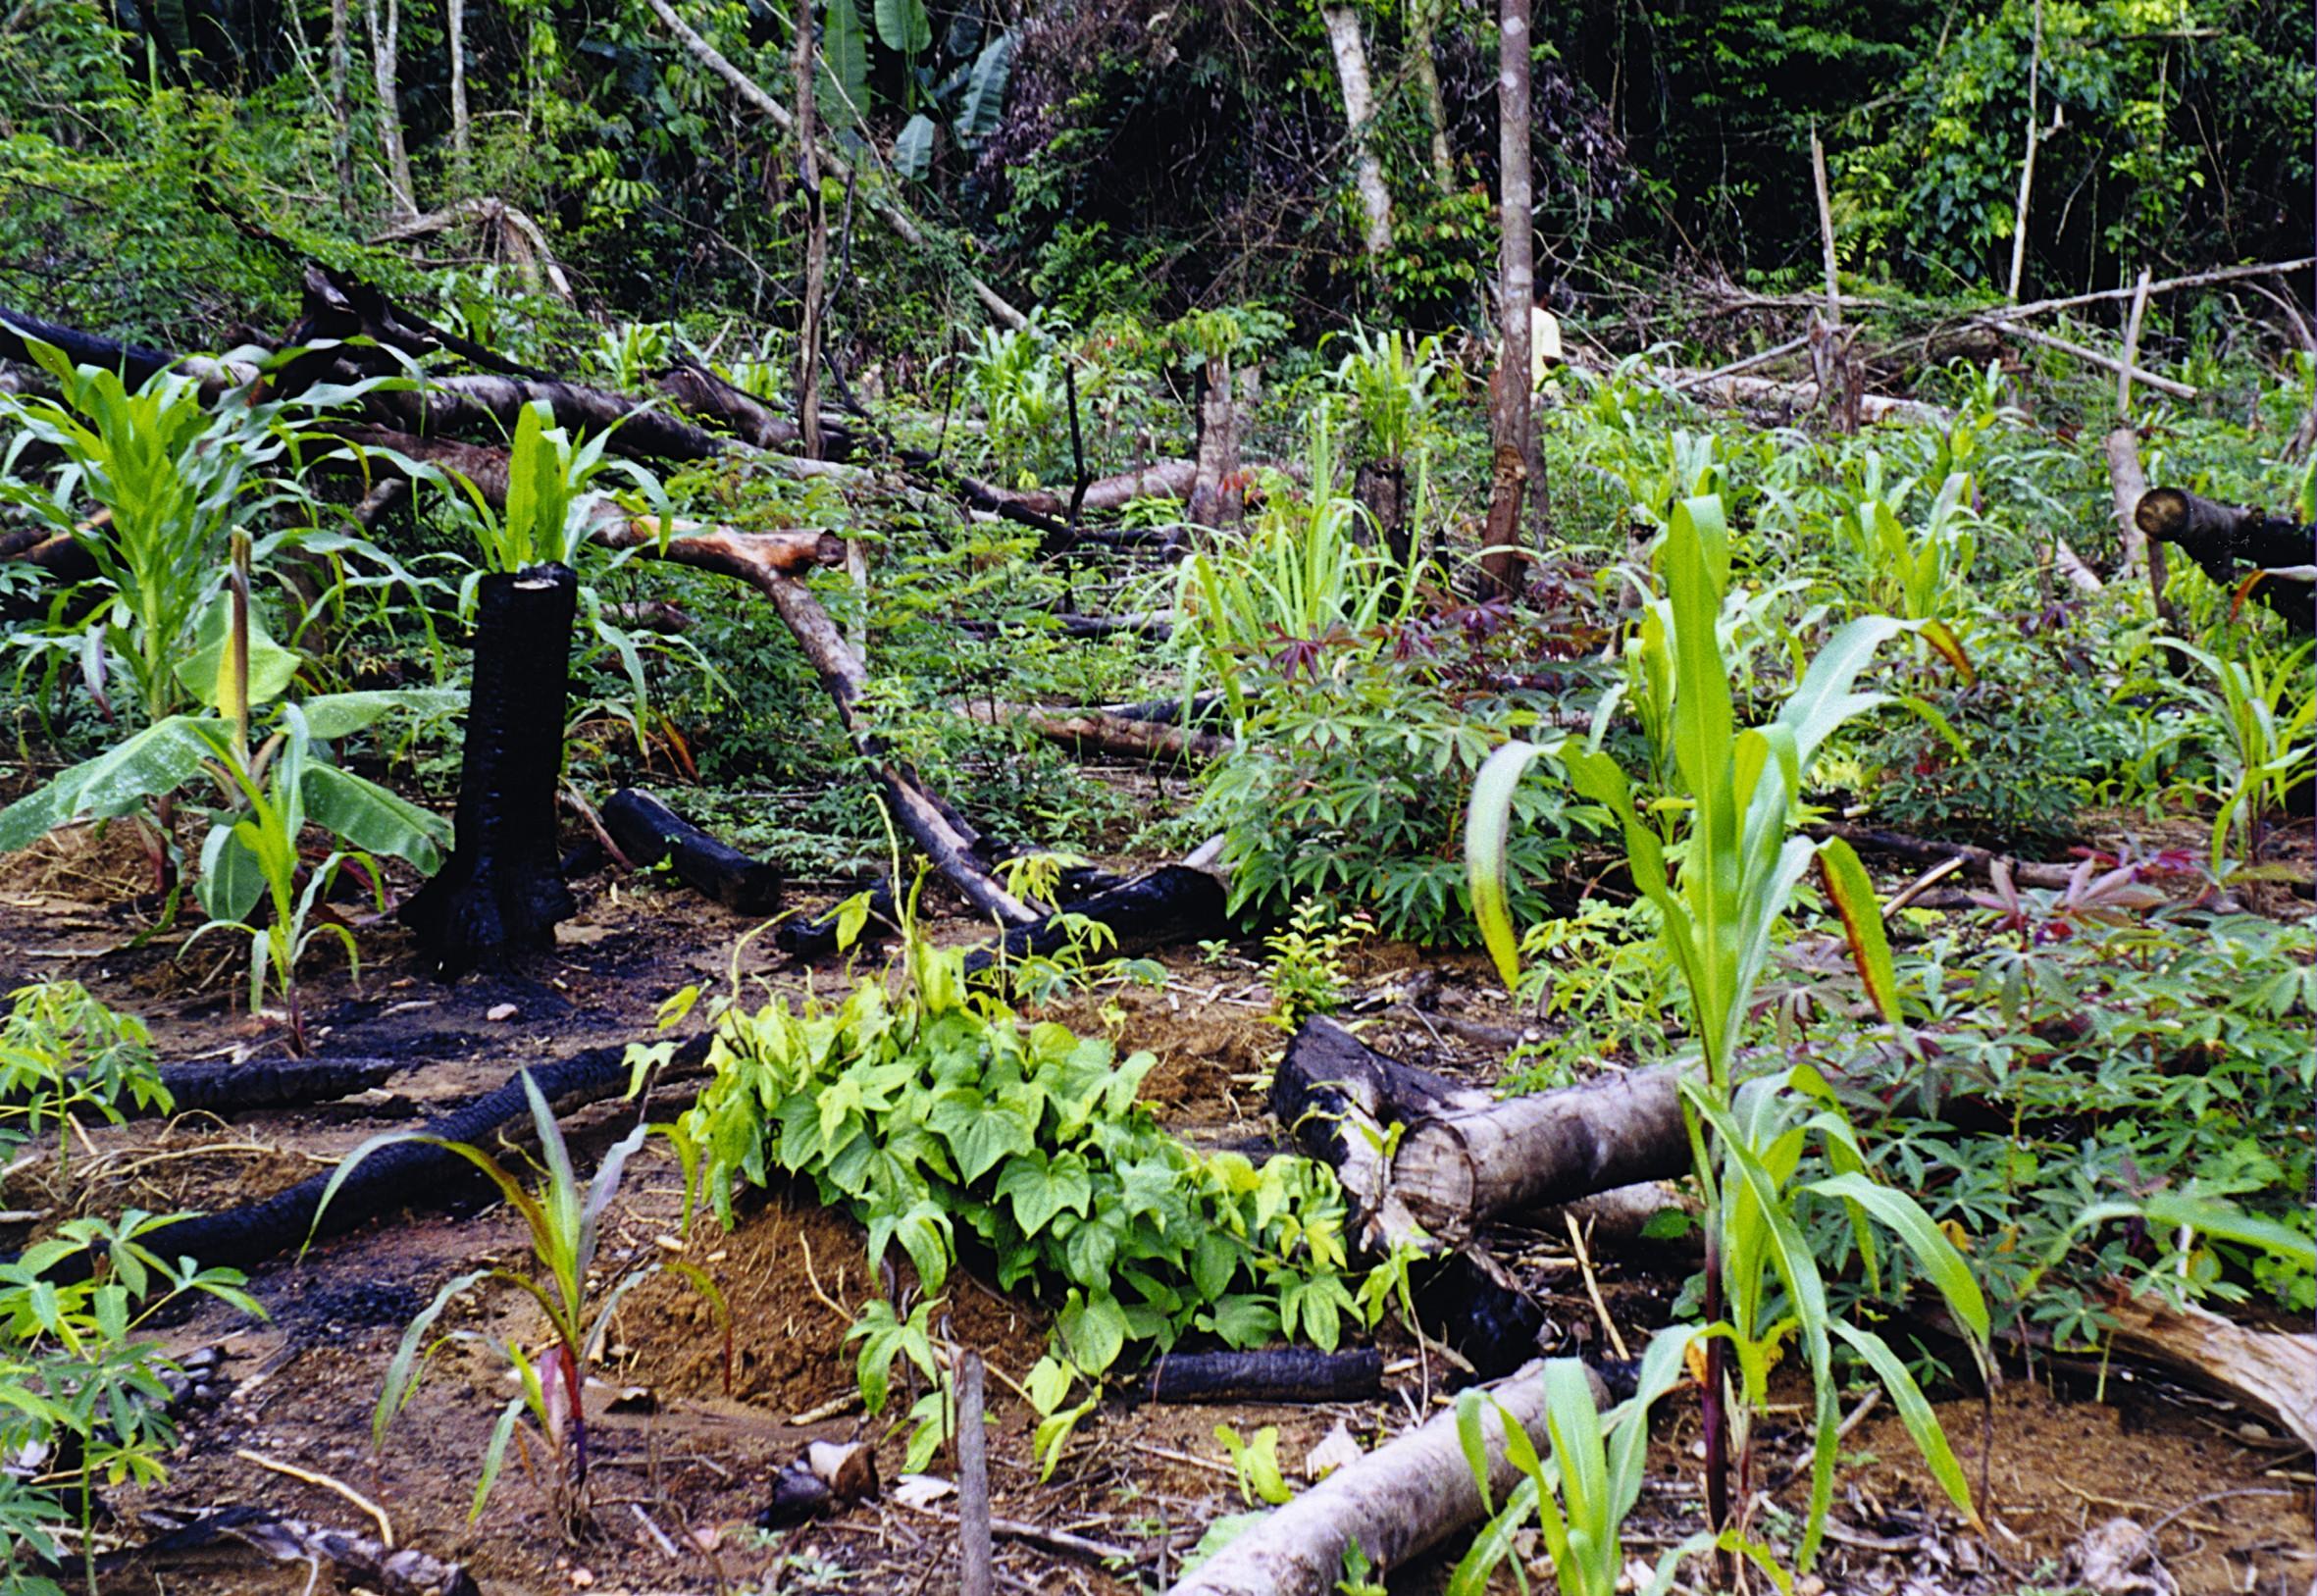 L'agriculture itinérante sur brûlis en Guyane.